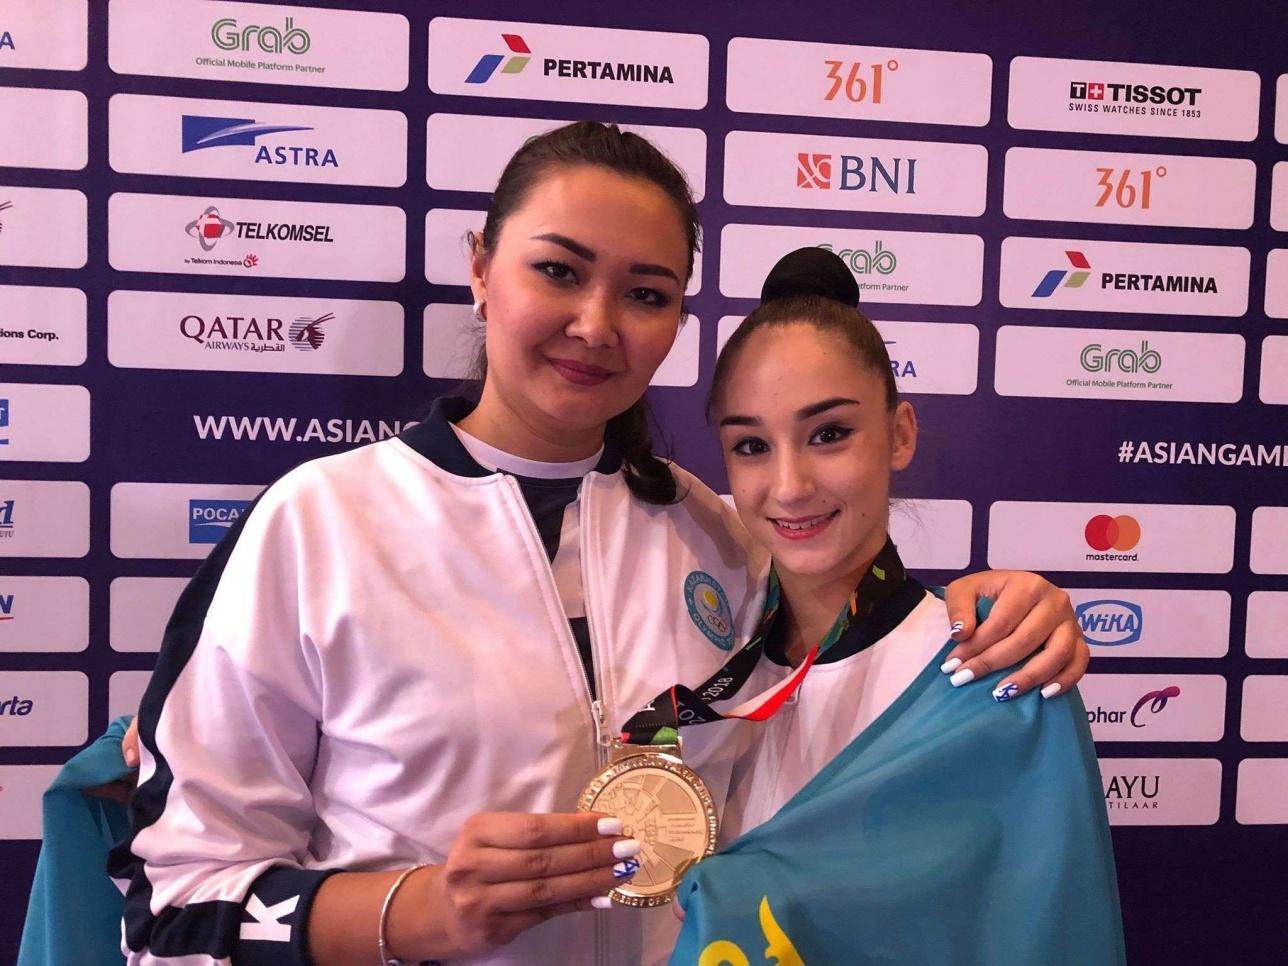 Тренирует героиню Азиады легенда художественной гимнастики Казахстана Алия Юсупова